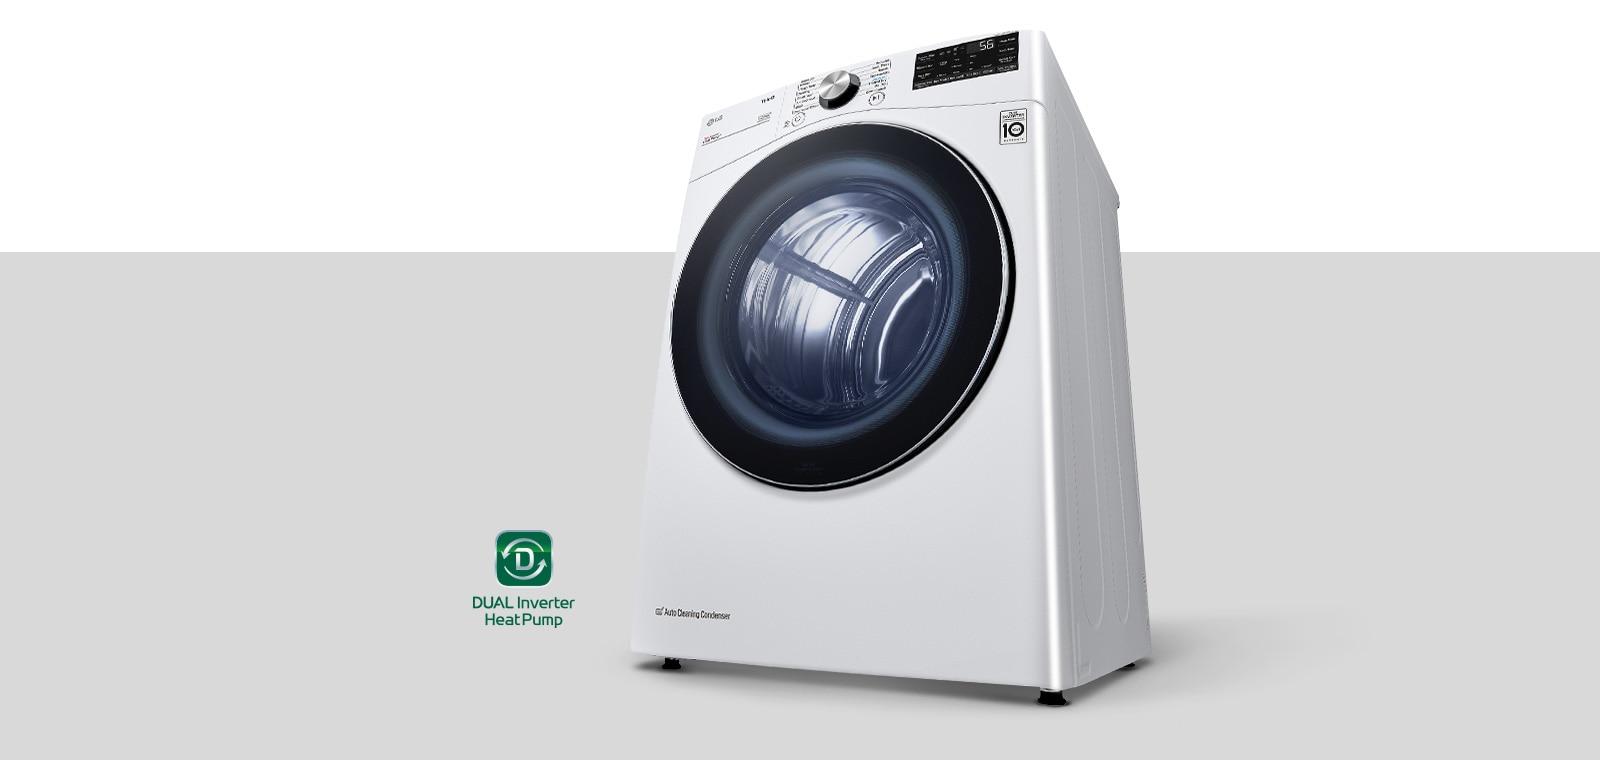 雙變頻熱幫浦™ 烘衣機產品圖片,隨附標誌